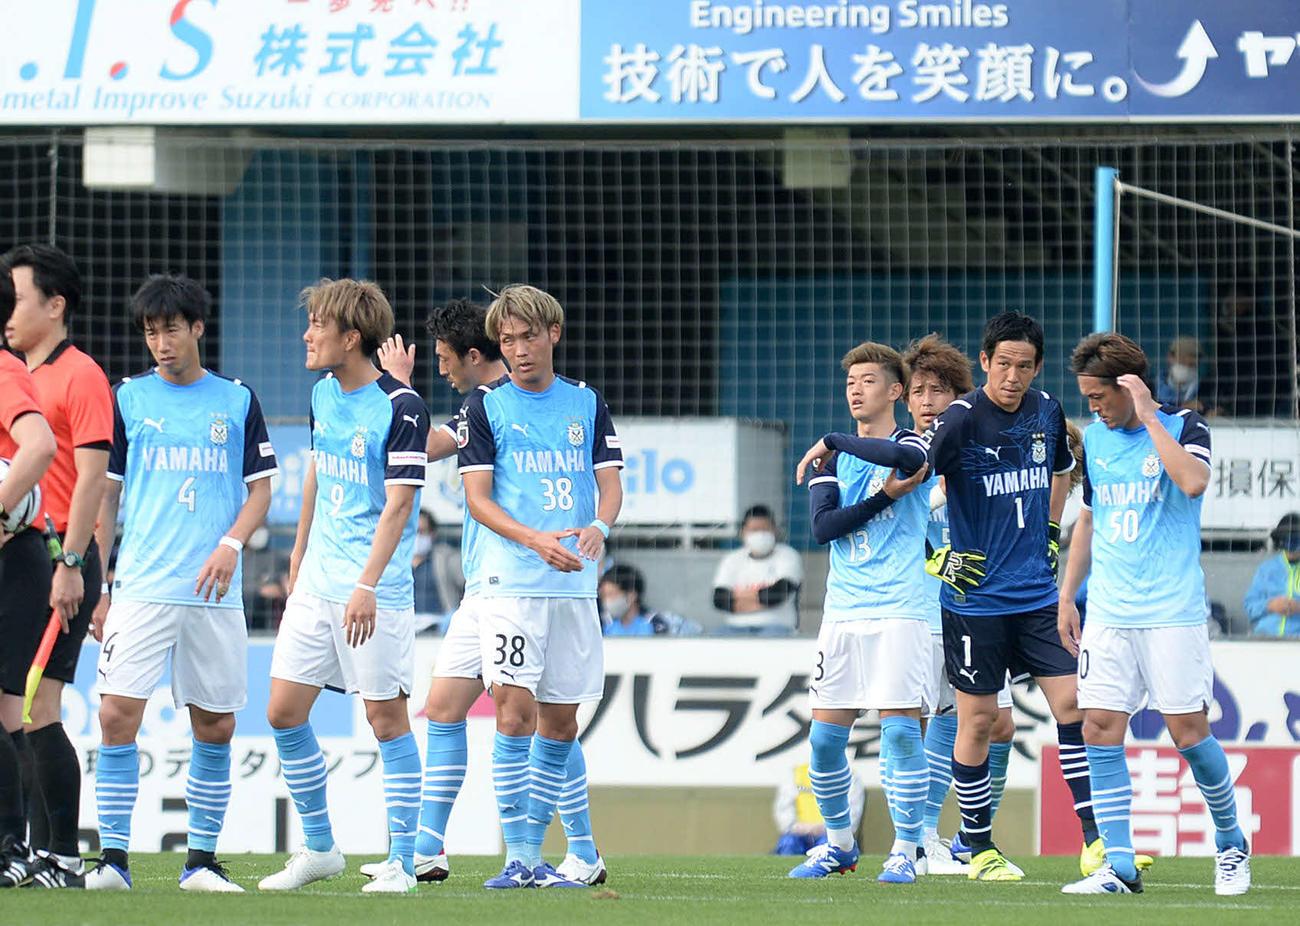 試合に敗れ、肩を落とす磐田の選手たち